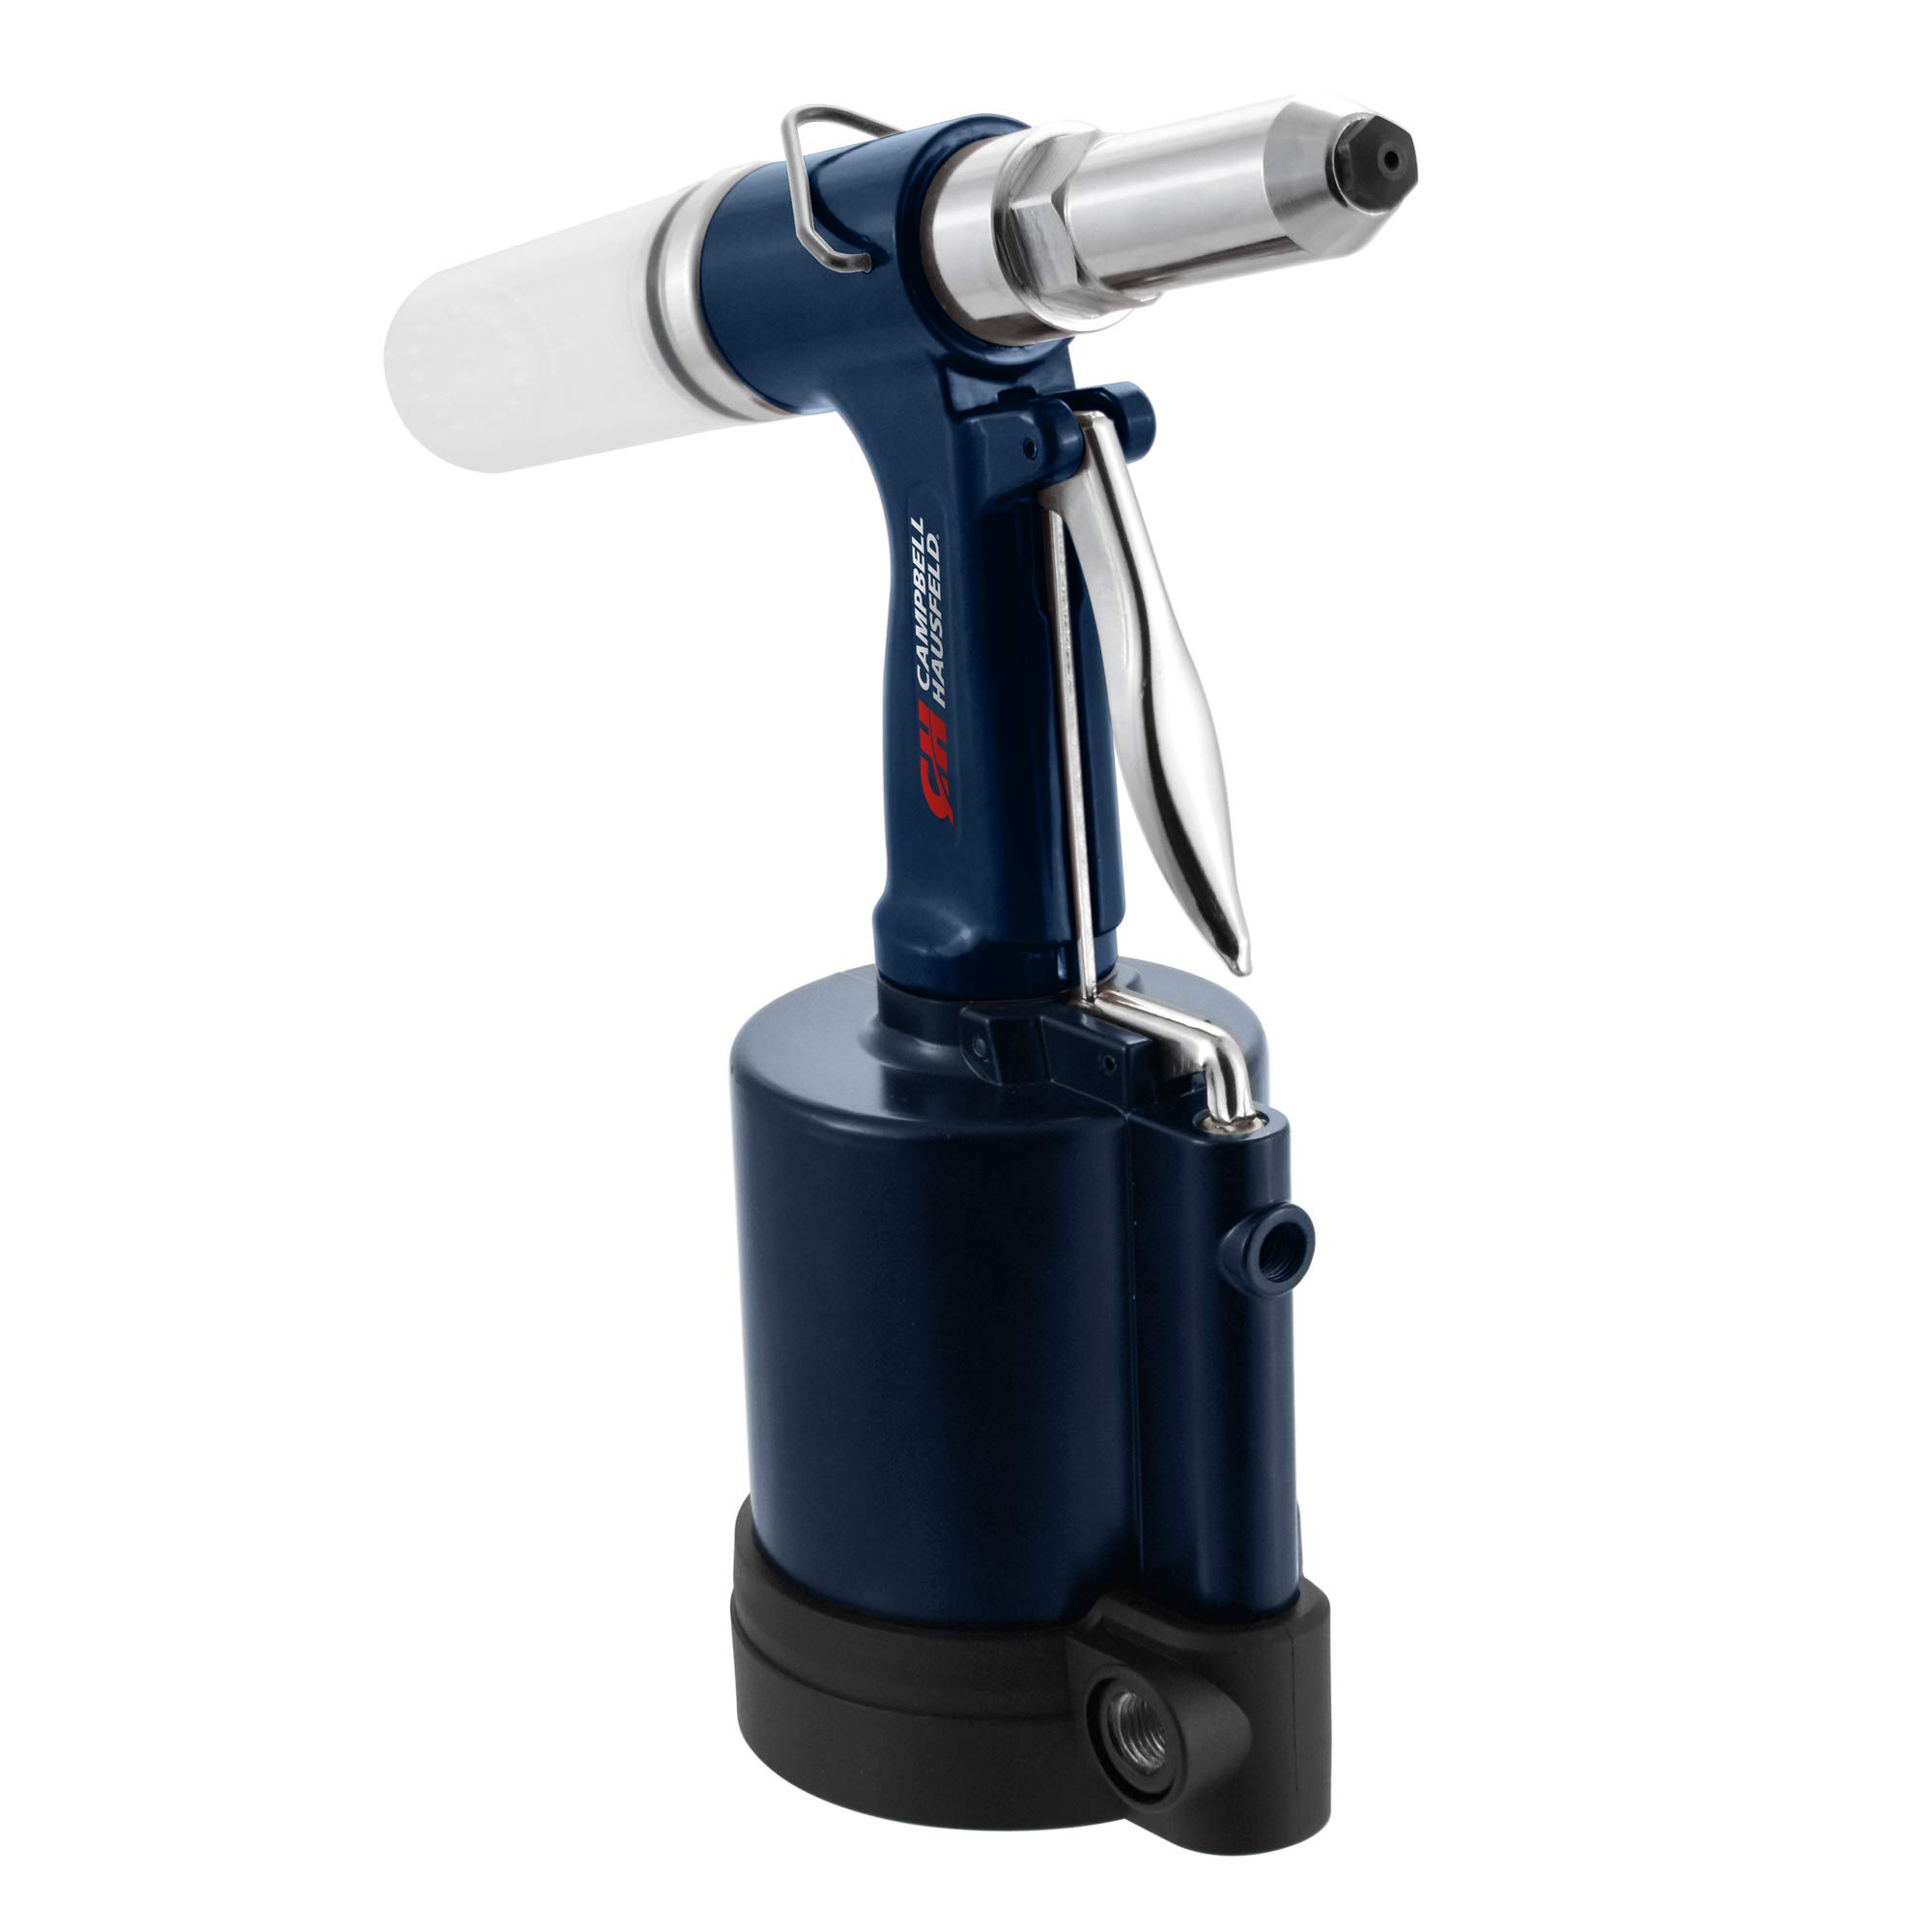 Campbell Hausfeld TL053900 Air Pop Rivet Gun, Blue